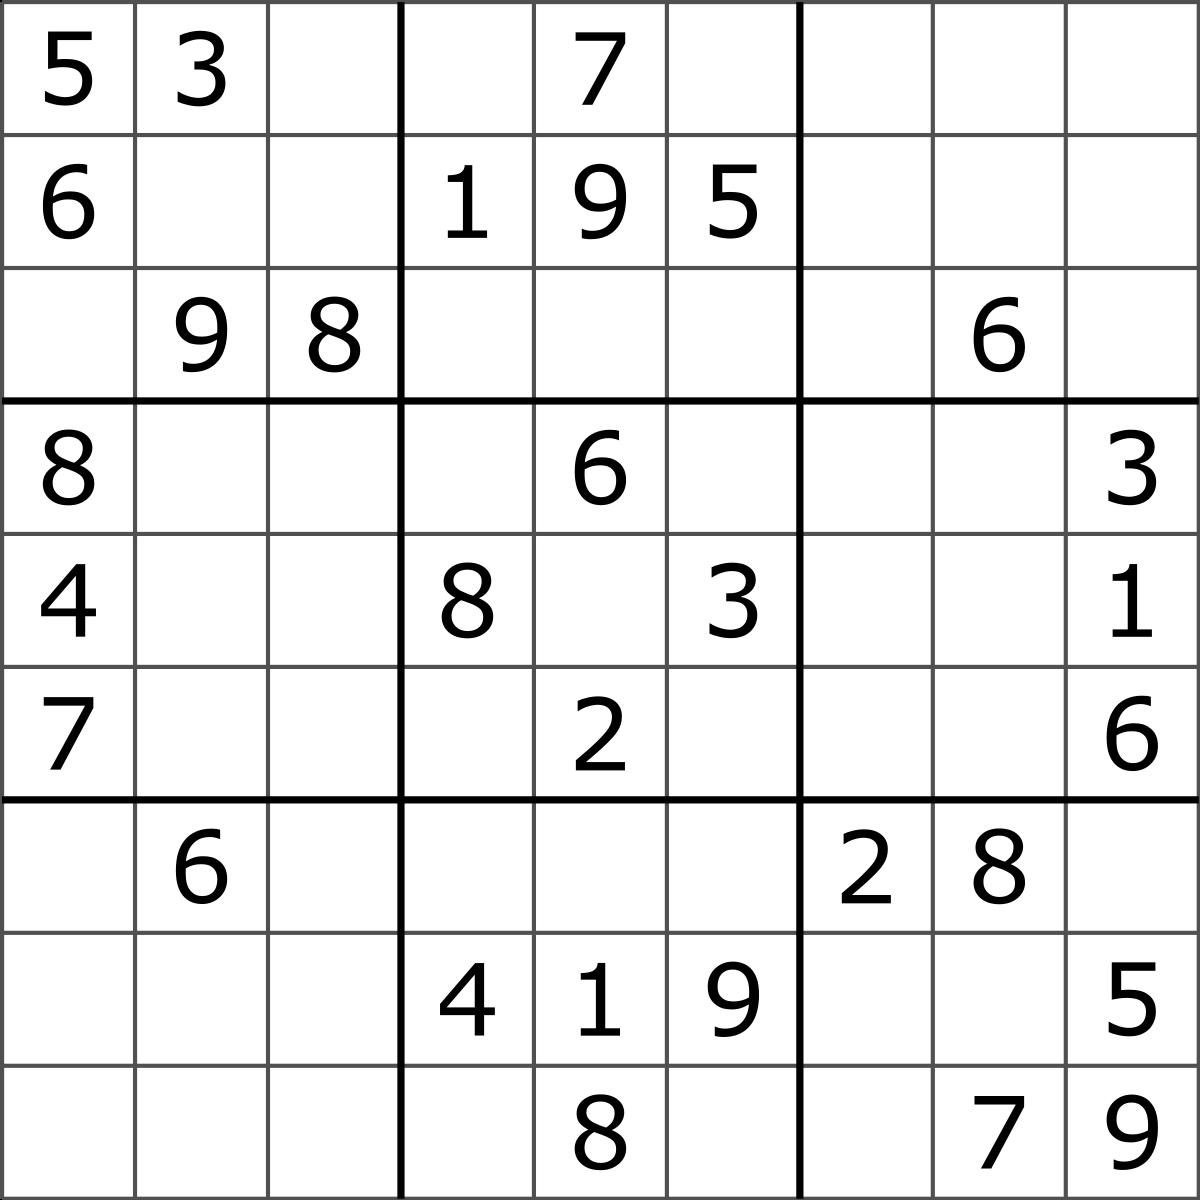 6x6 algorithms pdf